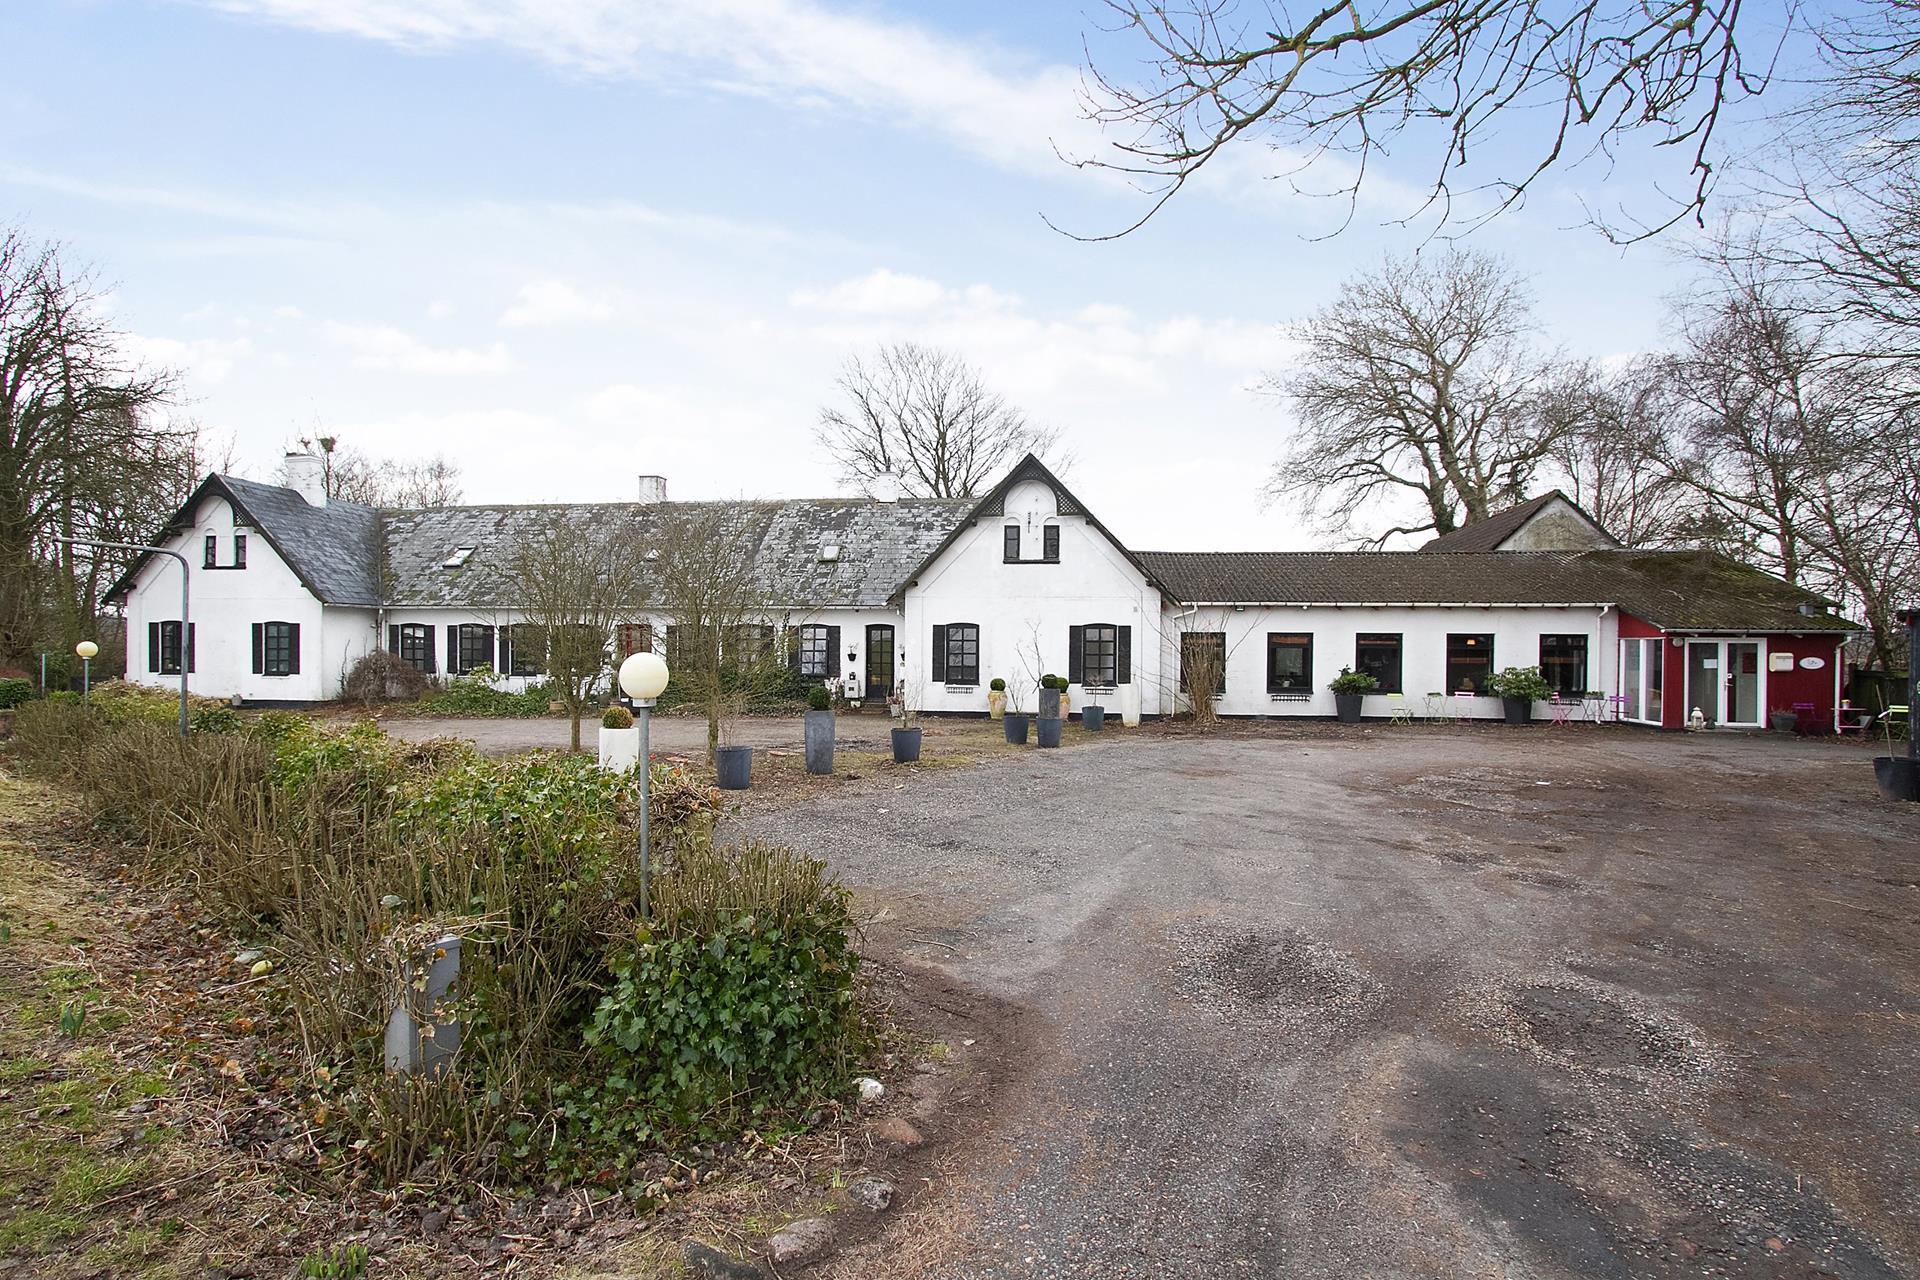 Bolig/erhverv på Ebstrupvej i Silkeborg - Andet